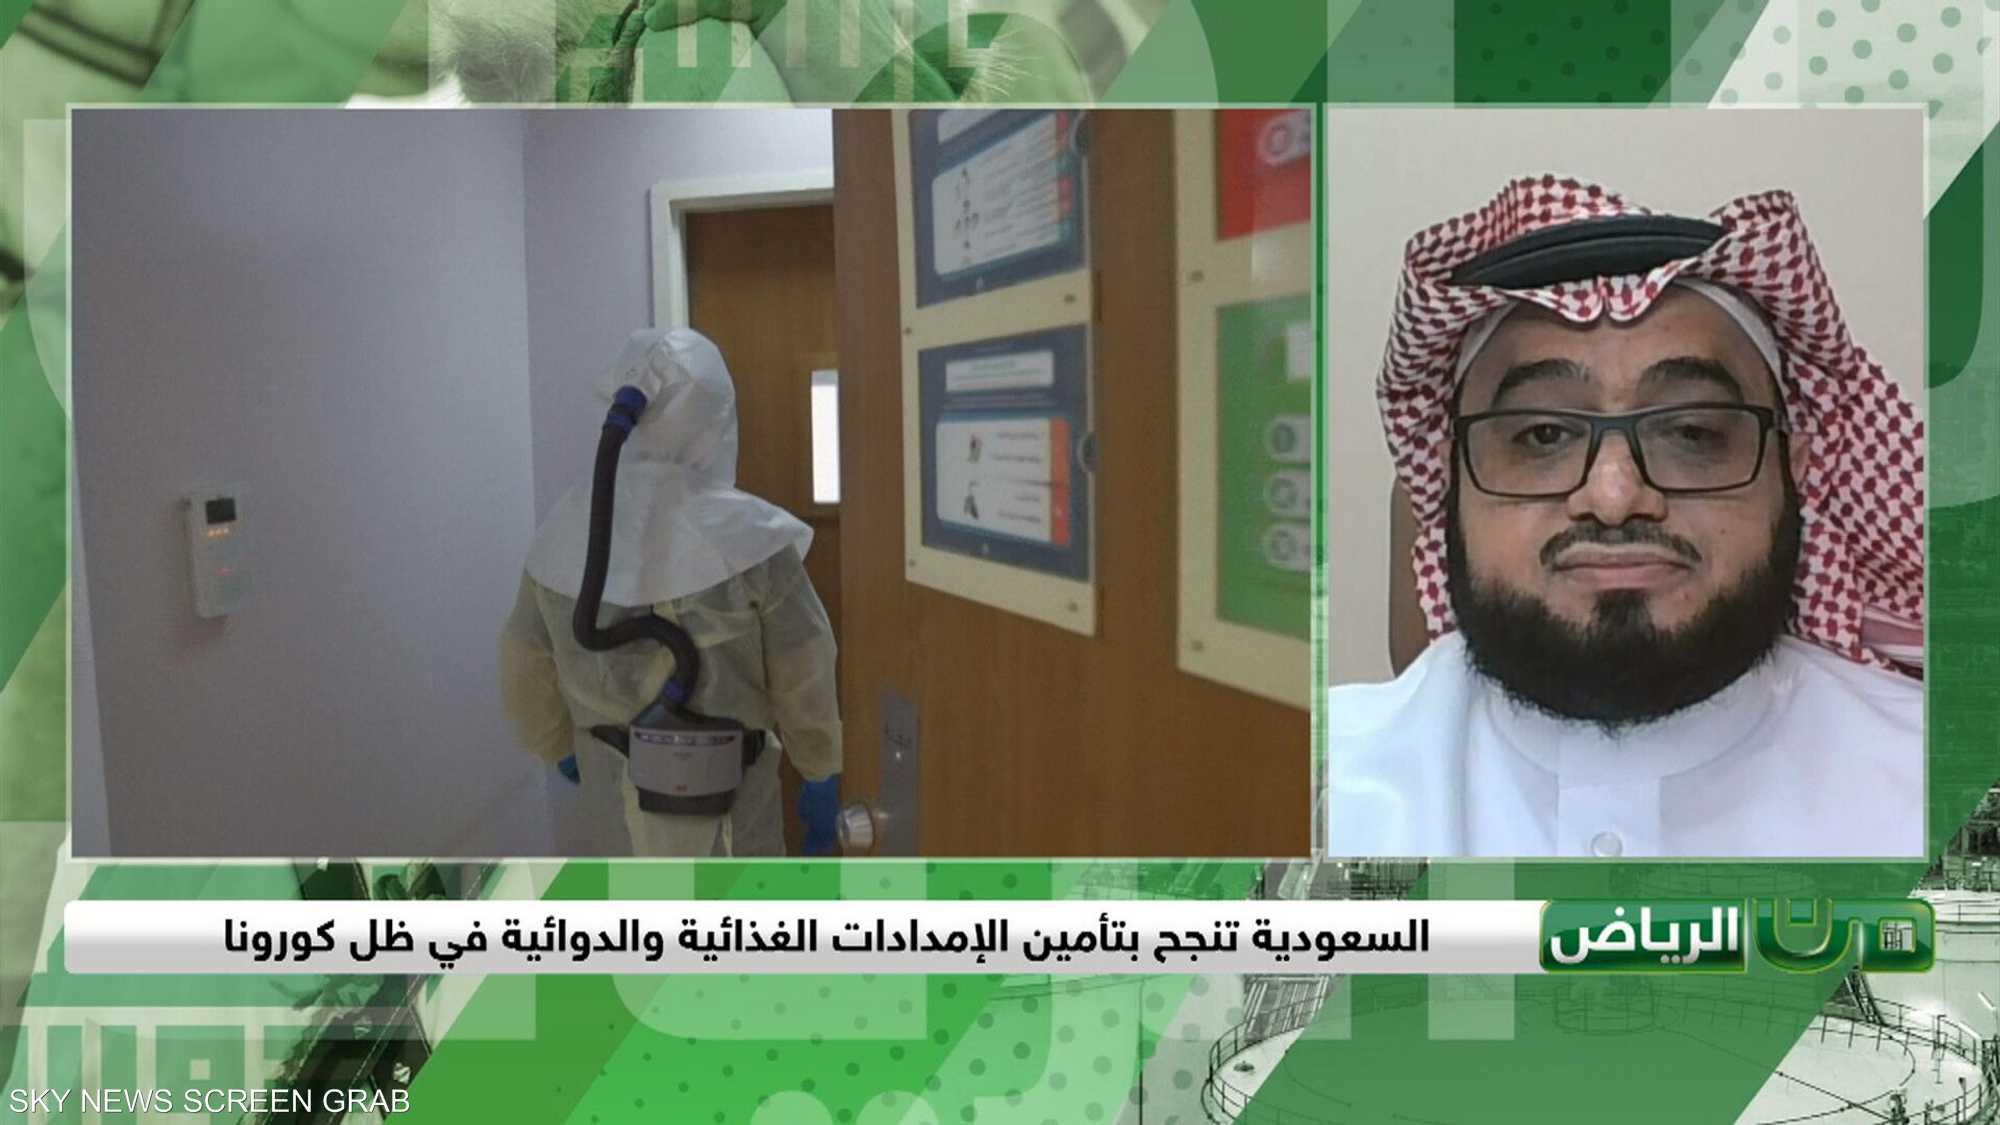 السعودية تنجح بتأمين الإمداد الغذائي والدوائي في ظل كورونا